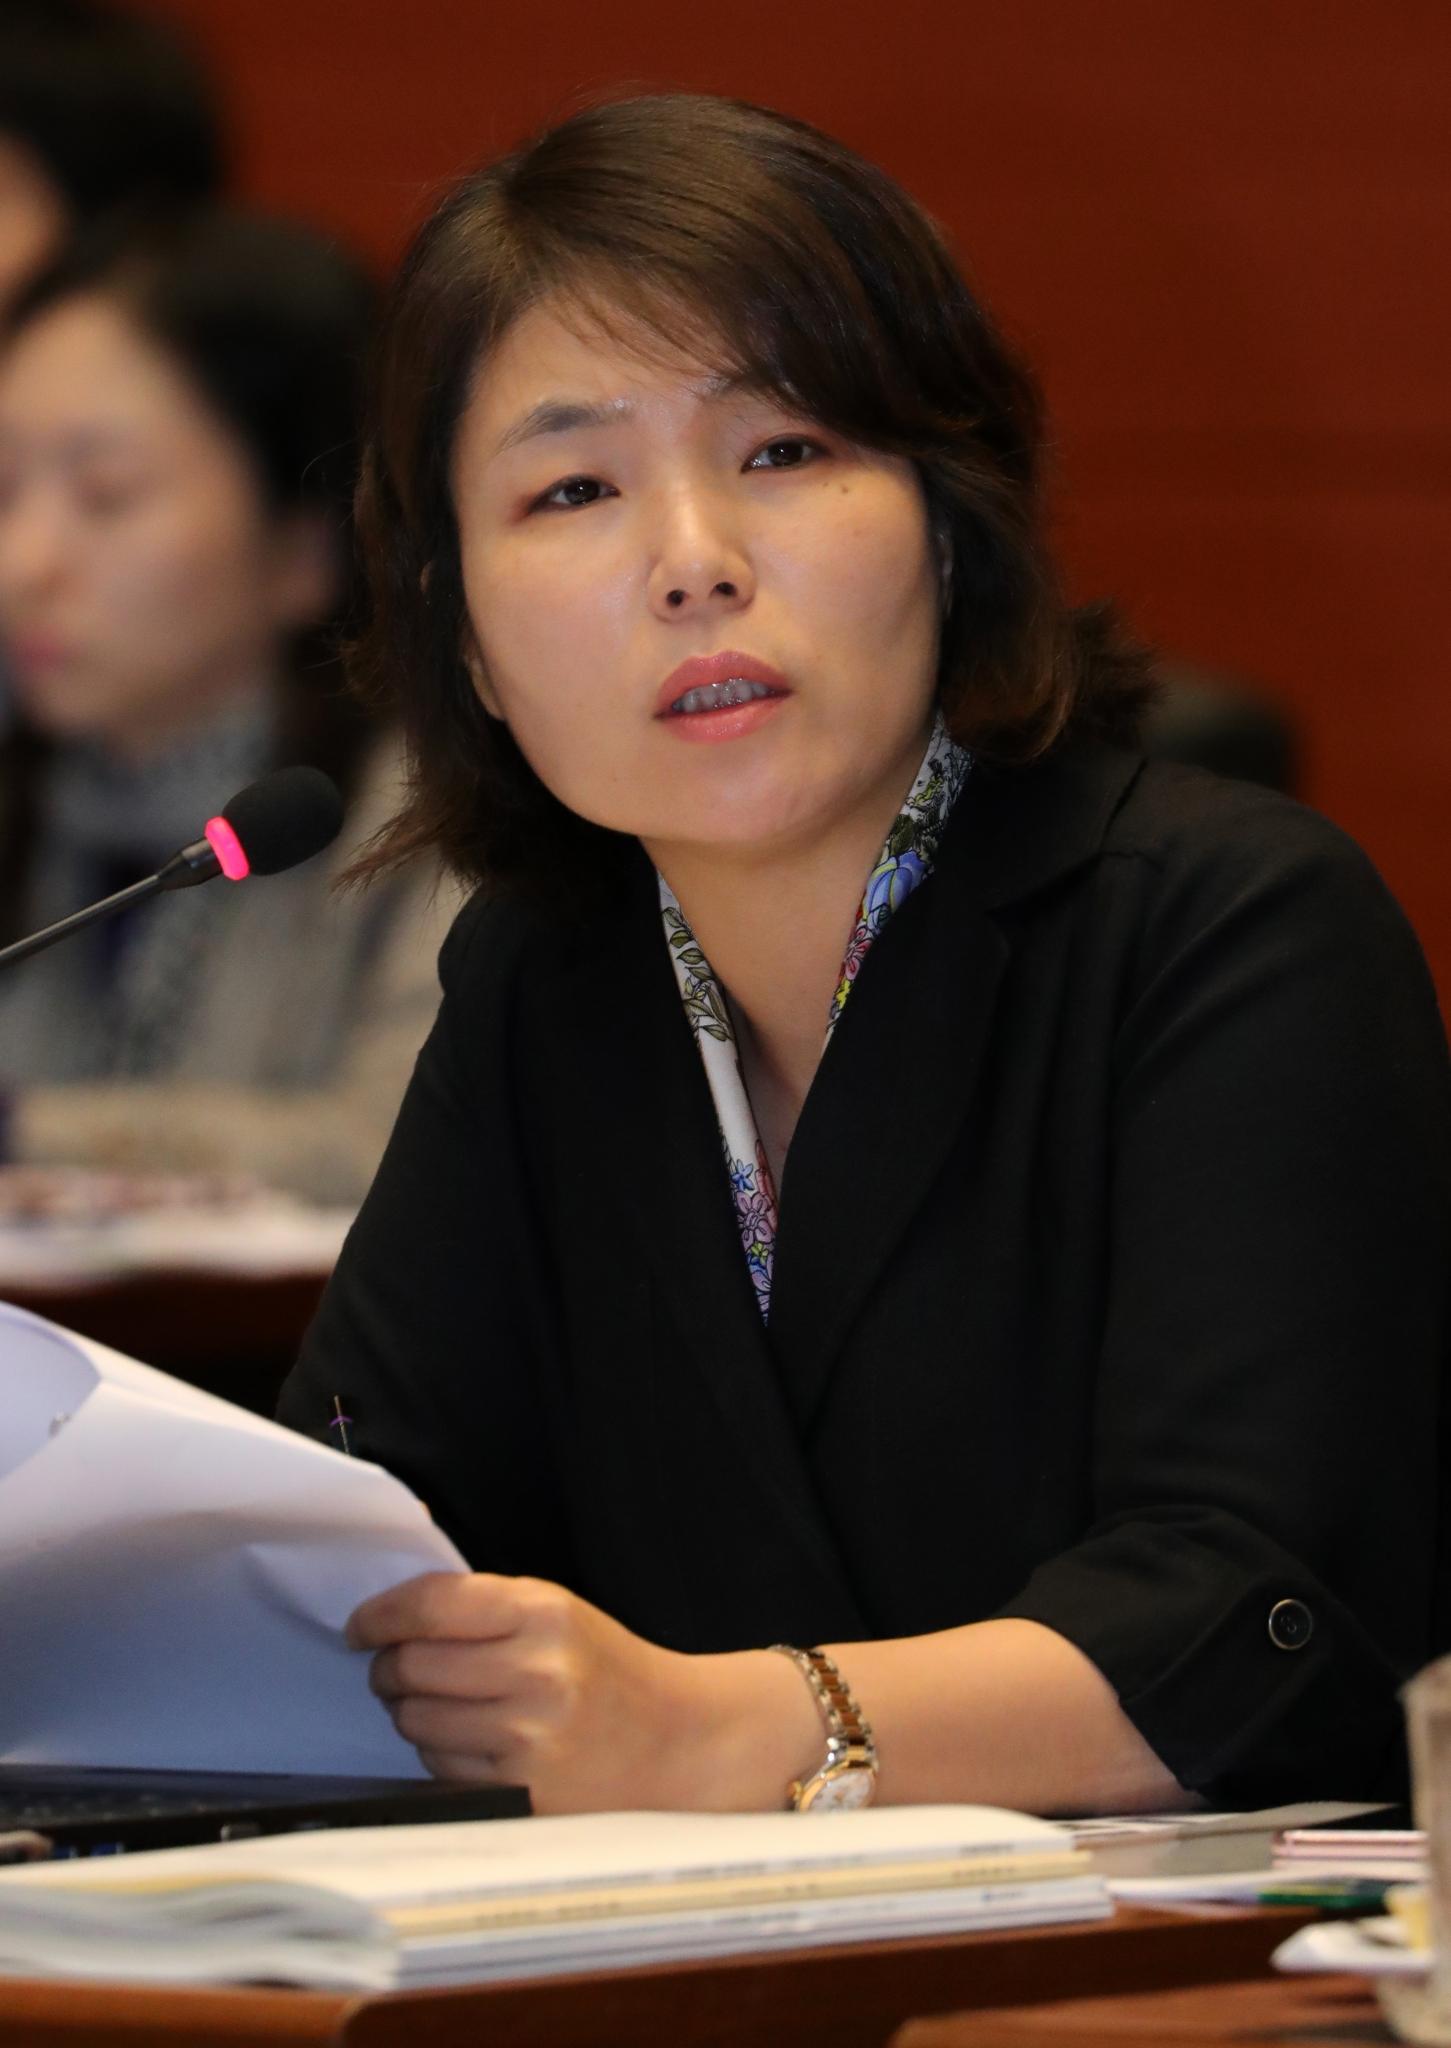 전희경 임종석. 사진은 전희경 자유한국당 의원. /사진=뉴스1